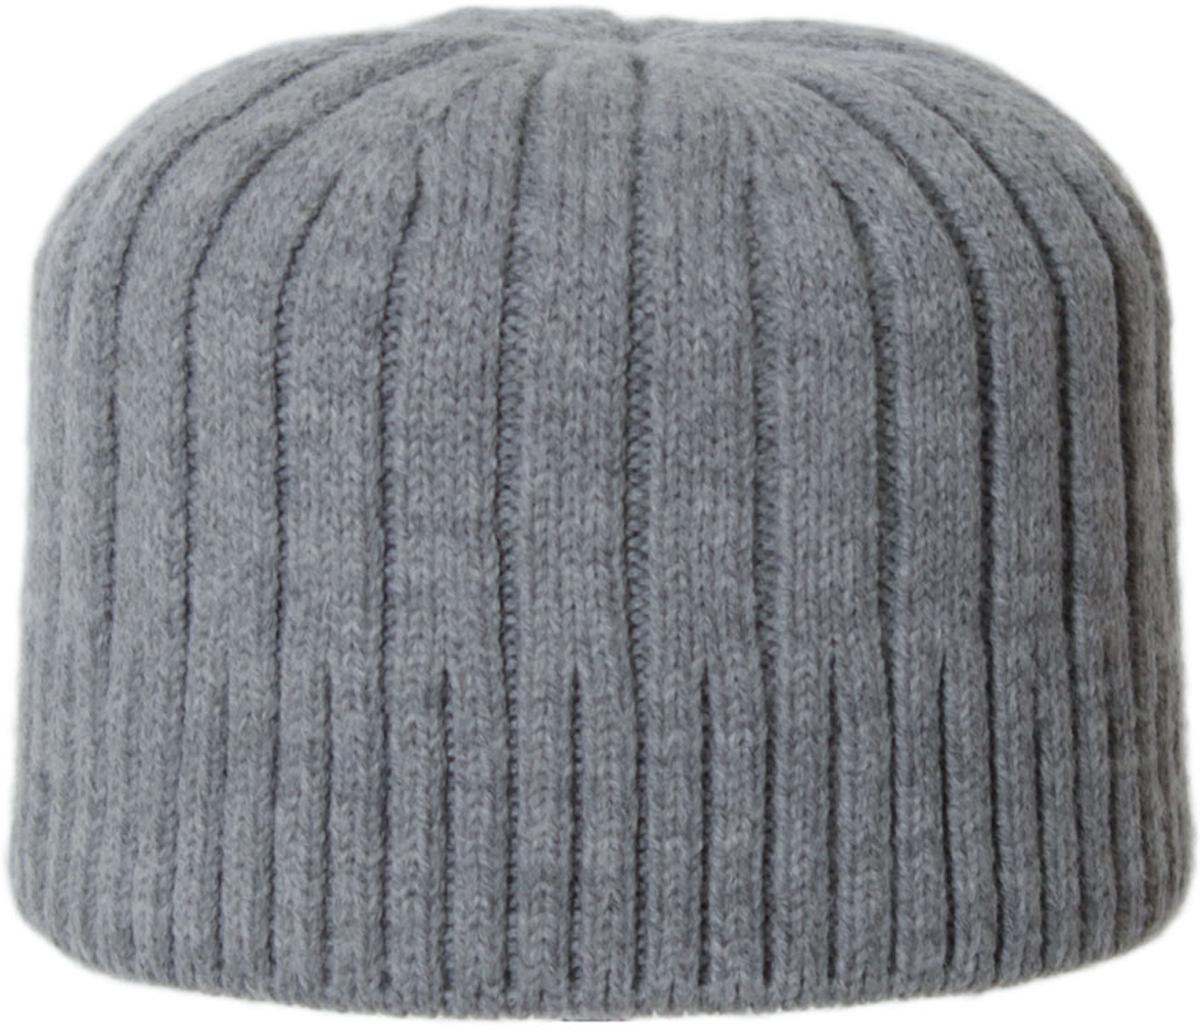 Шапка мужская Leighton, цвет: серый. 5-012. Размер 59/605-012Вязаная мужская шапка Leighton отлично подойдет для повседневной носки и активного отдыха в холодное время года. Быстро выводит влагу от тела, оставляя изделие сухим. Шапка подарит ощущение тепла и комфорта в прохладный день. Сочетание шерсти и акрила максимально сохраняет тепло и обеспечивает удобную посадку, невероятную легкость и мягкость. Стильная шапка Leighton подчеркнет ваш неповторимый стиль и индивидуальность. Такая модель составит идеальный комплект с модной верхней одеждой, в ней вам будет уютно и тепло.Уважаемые клиенты!Размер, доступный для заказа, является обхватом головы.